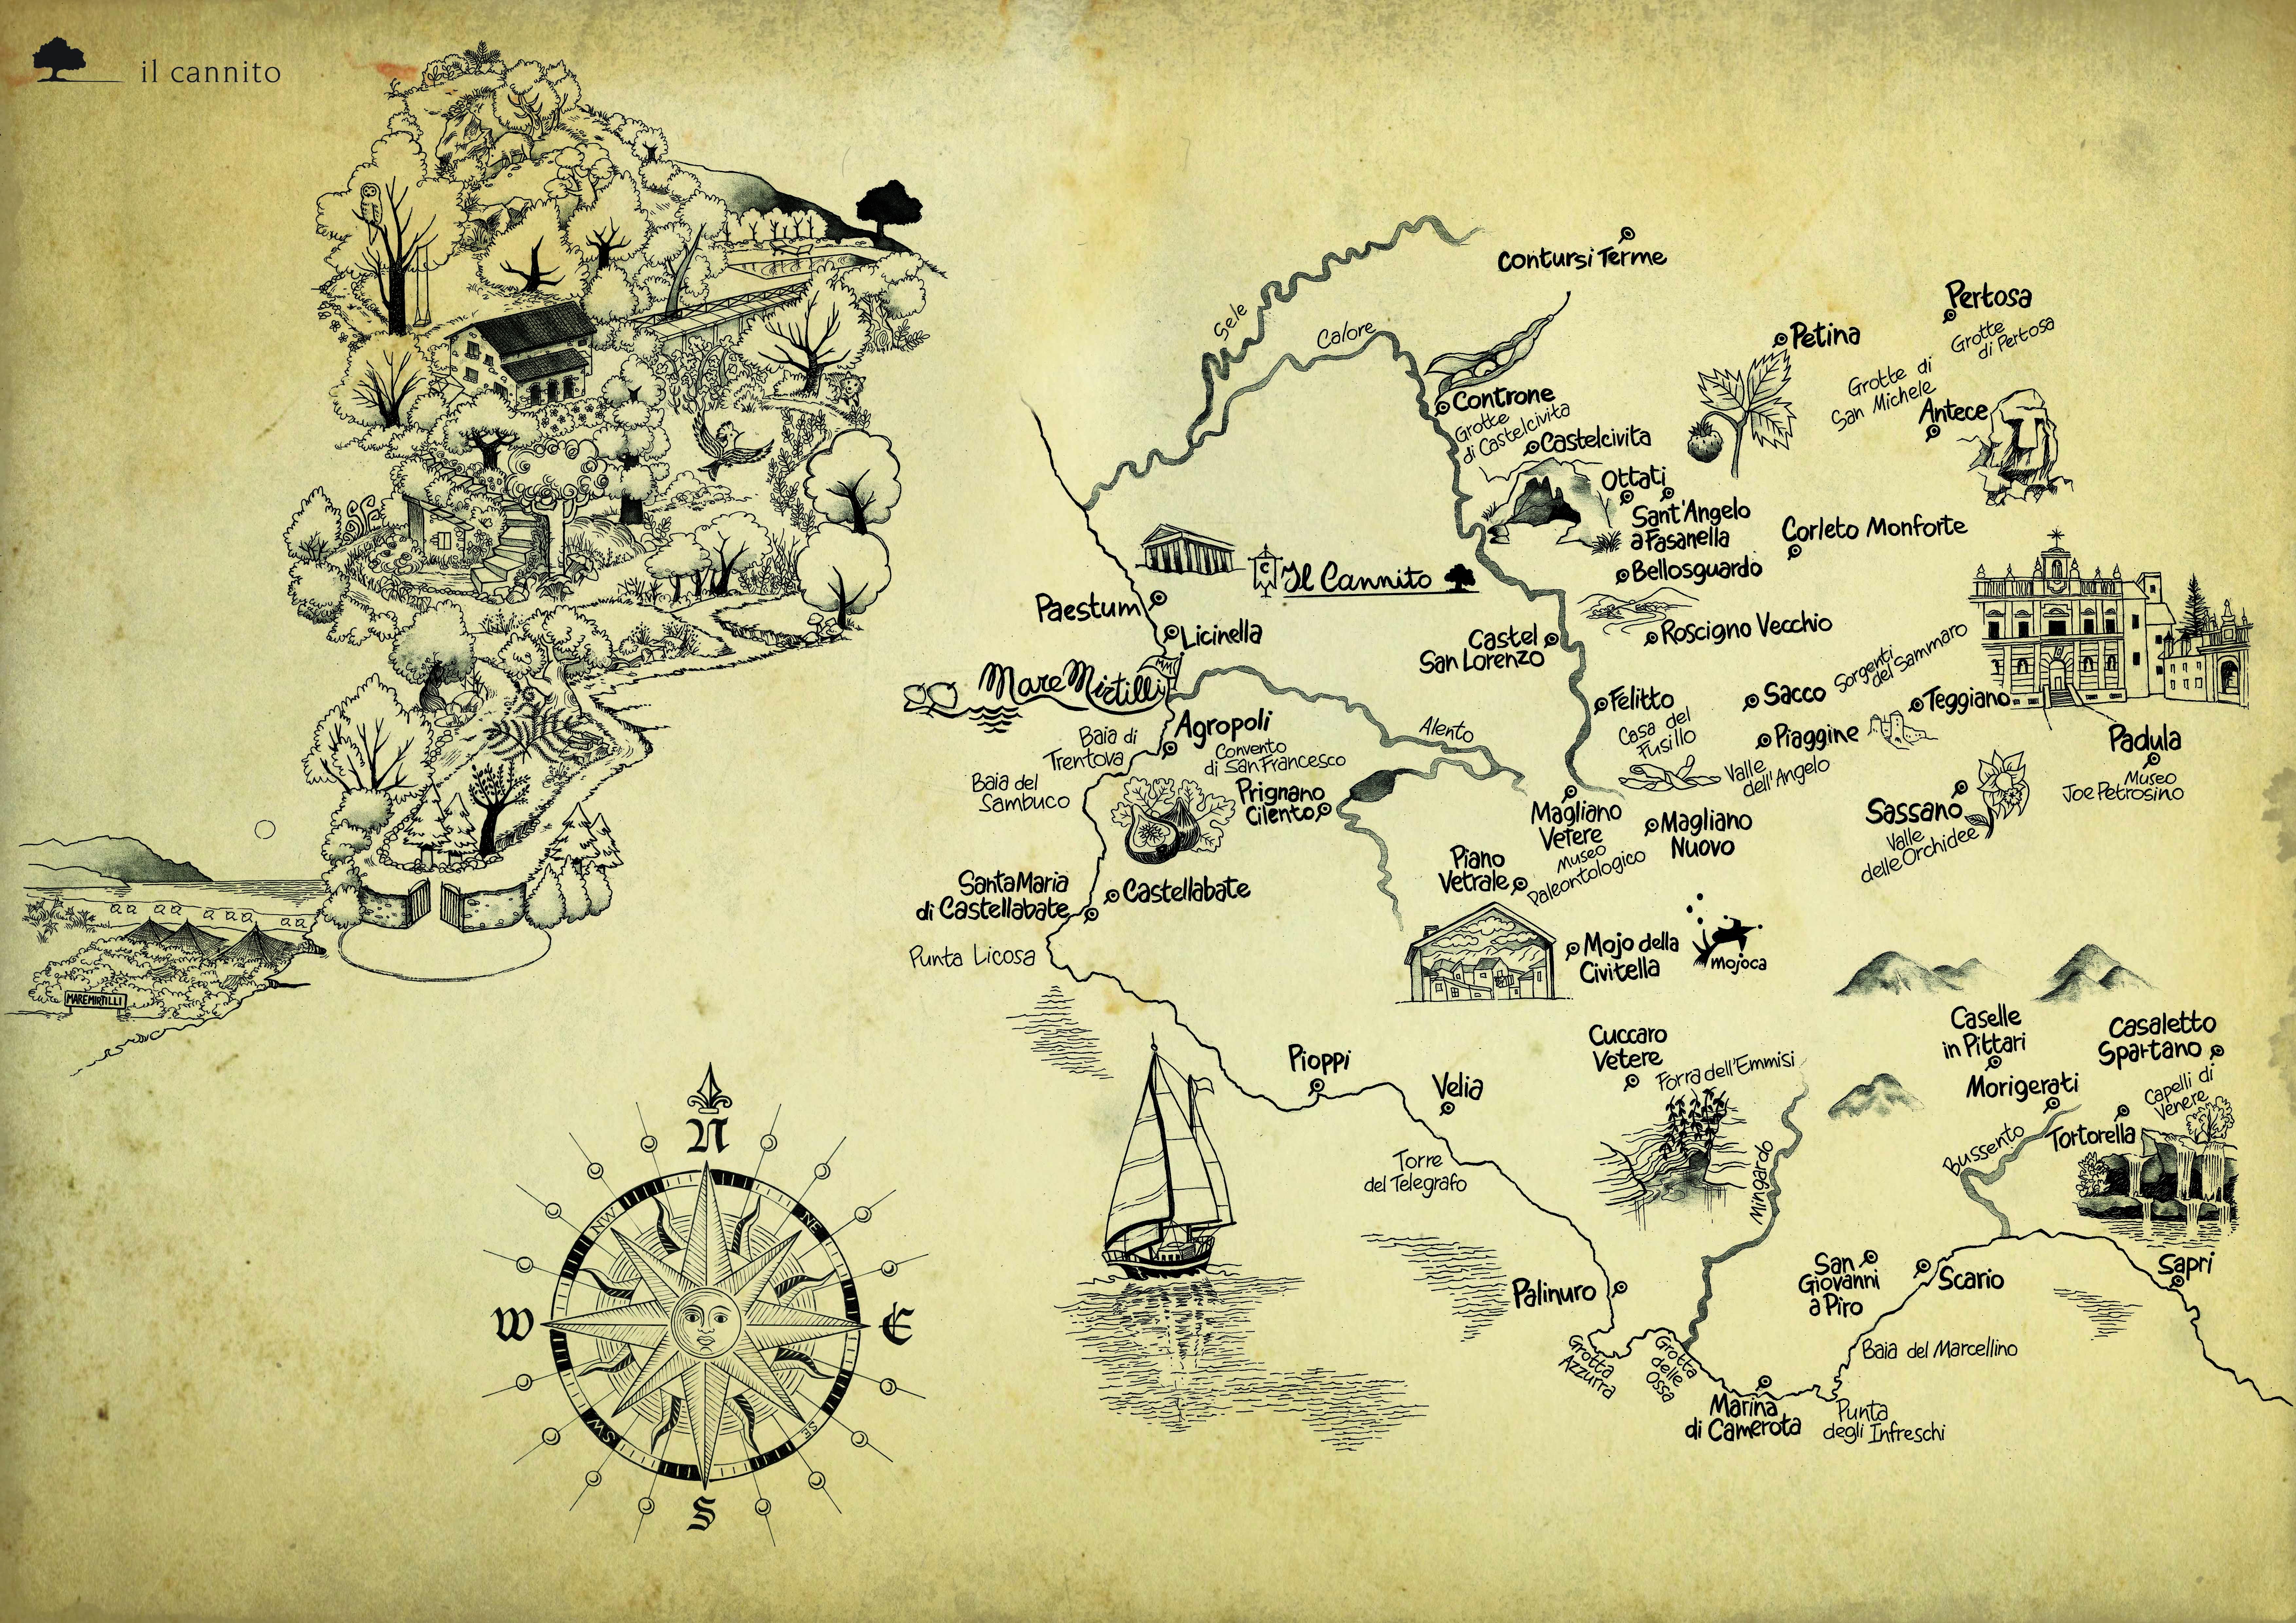 Mappa dei dintorni di Il Cannito, a cura di: Antonella Manzo